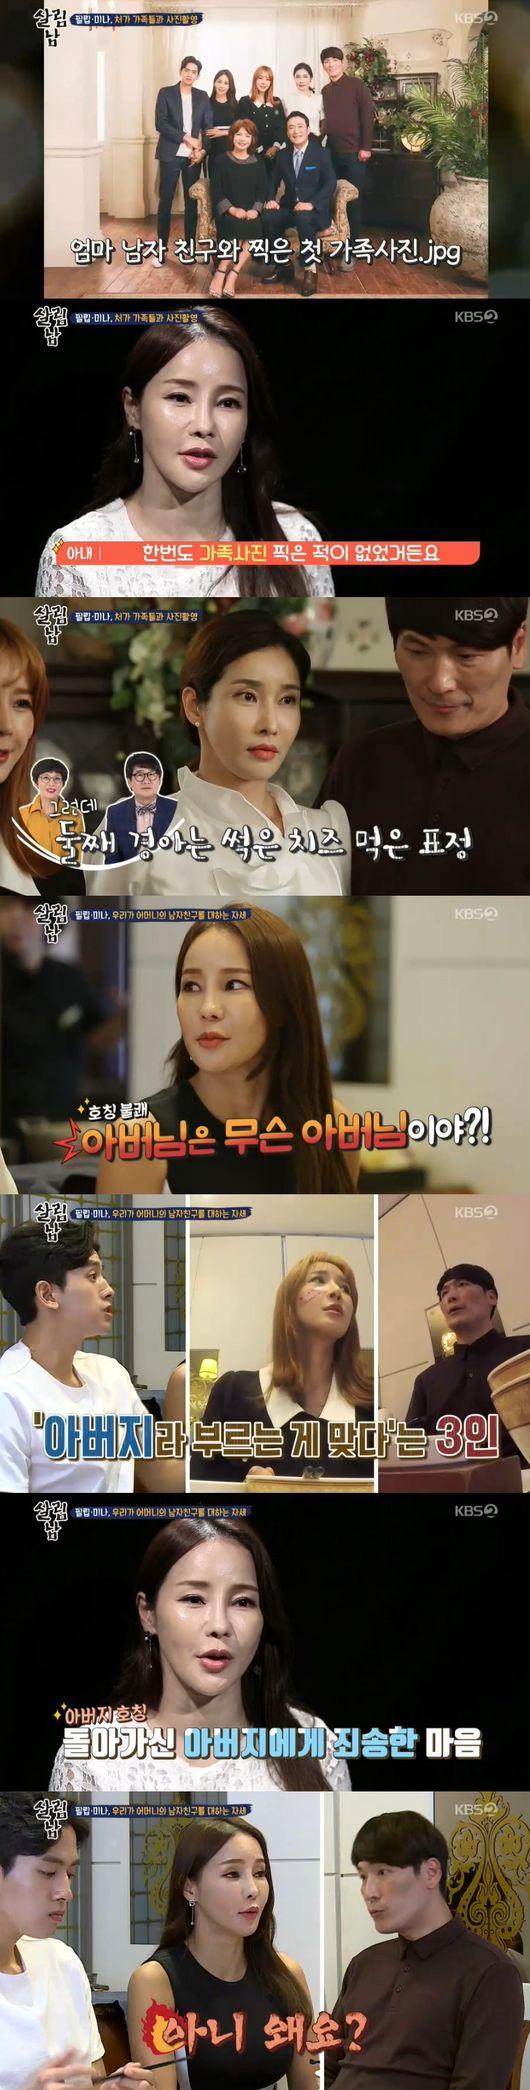 살림남2 김동현·김승현家, 서운함 폭발‥필립♥미나 하차 [종합]